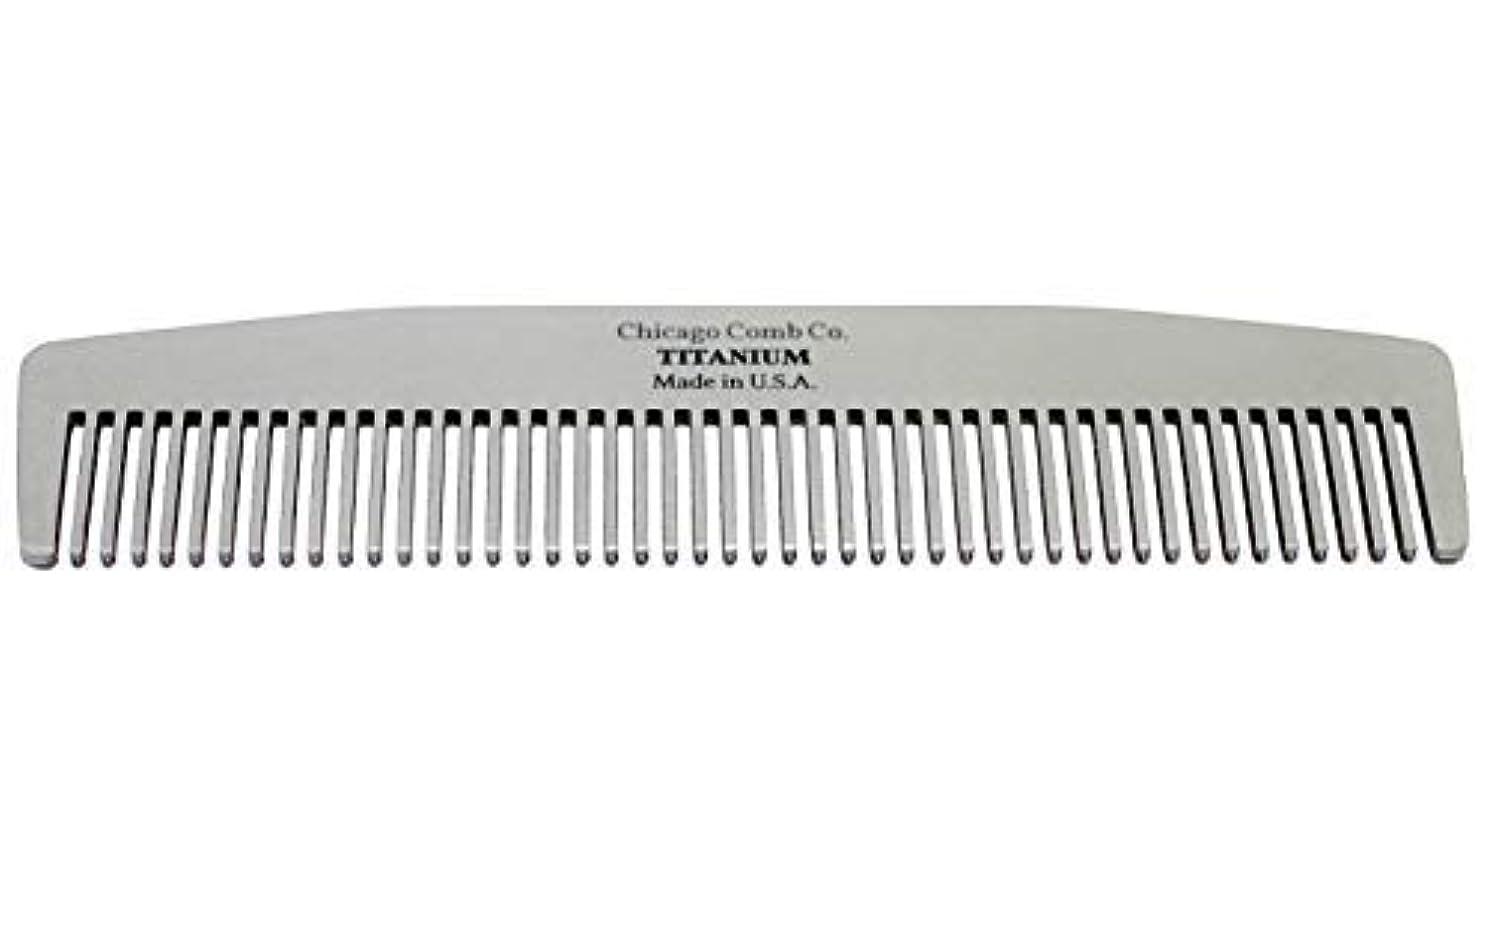 葉を集める迅速ジュニアChicago Comb Model No. 3 Titanium, Made in USA, Ultra-Smooth, Strong, Light, Anti-Static, 5.5 in. (14 cm) Long, Medium-Fine Tines, Ultimate Daily Use, Pocket, Travel Comb, Pure American Titanium [並行輸入品]